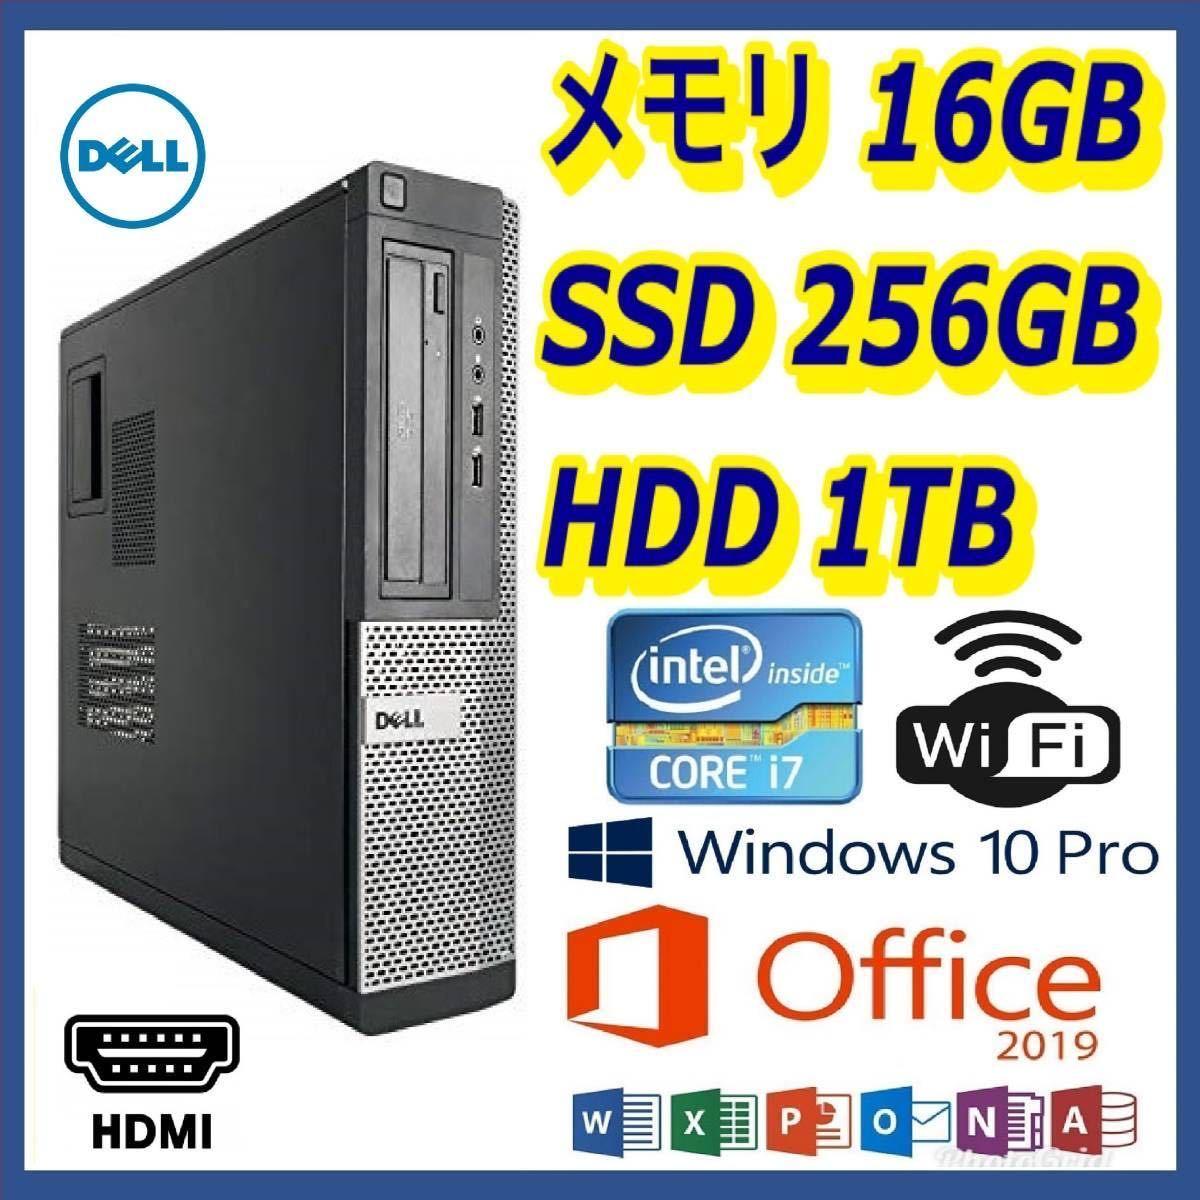 ★スリム型★超高速 i7(3.8Gx8)/新品SSD256GB+大容量HDD1TB/大容量メモリ16GB/Wi-Fi(無線)/HDMI/Win10/Office2019★Dell OptiPlex 390改★